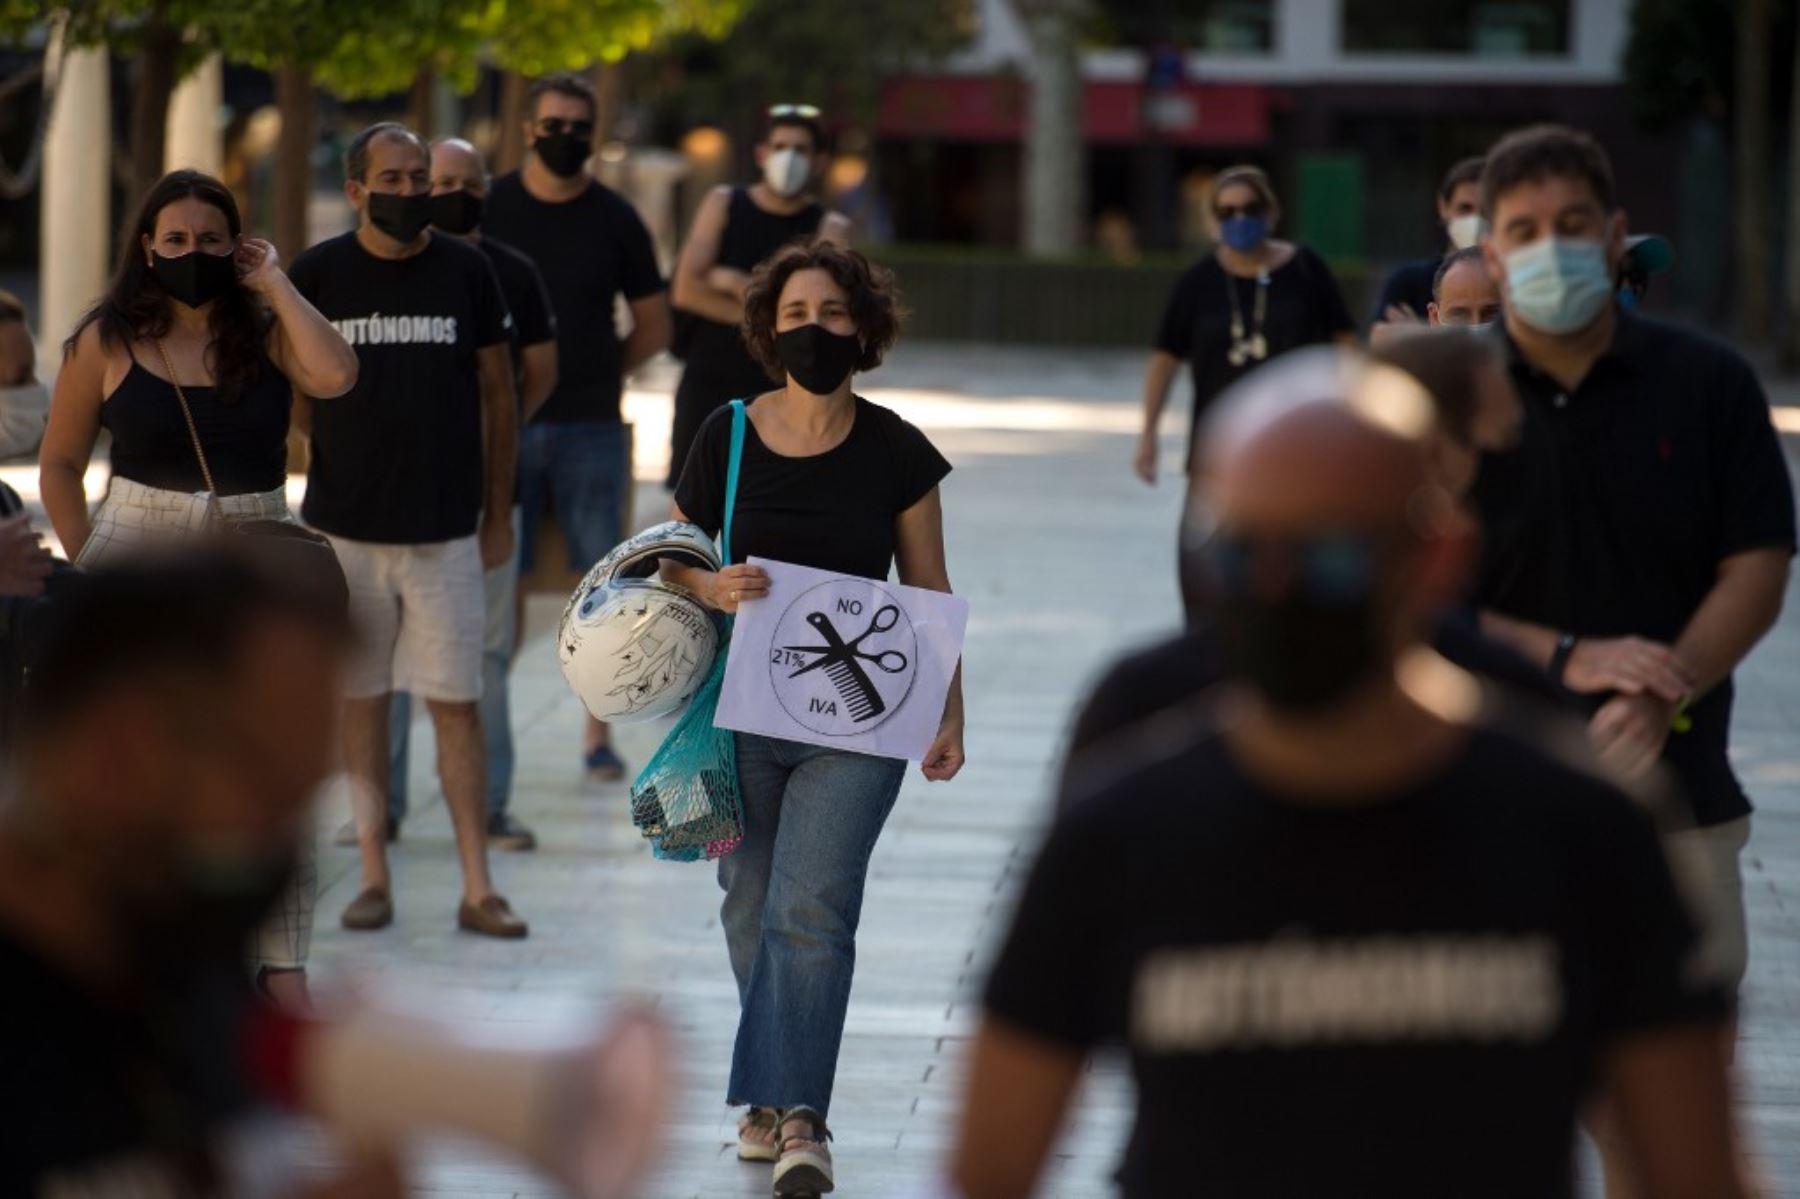 Los trabajadores independientes que usan máscaras faciales, en Sevilla. Foto: AFP